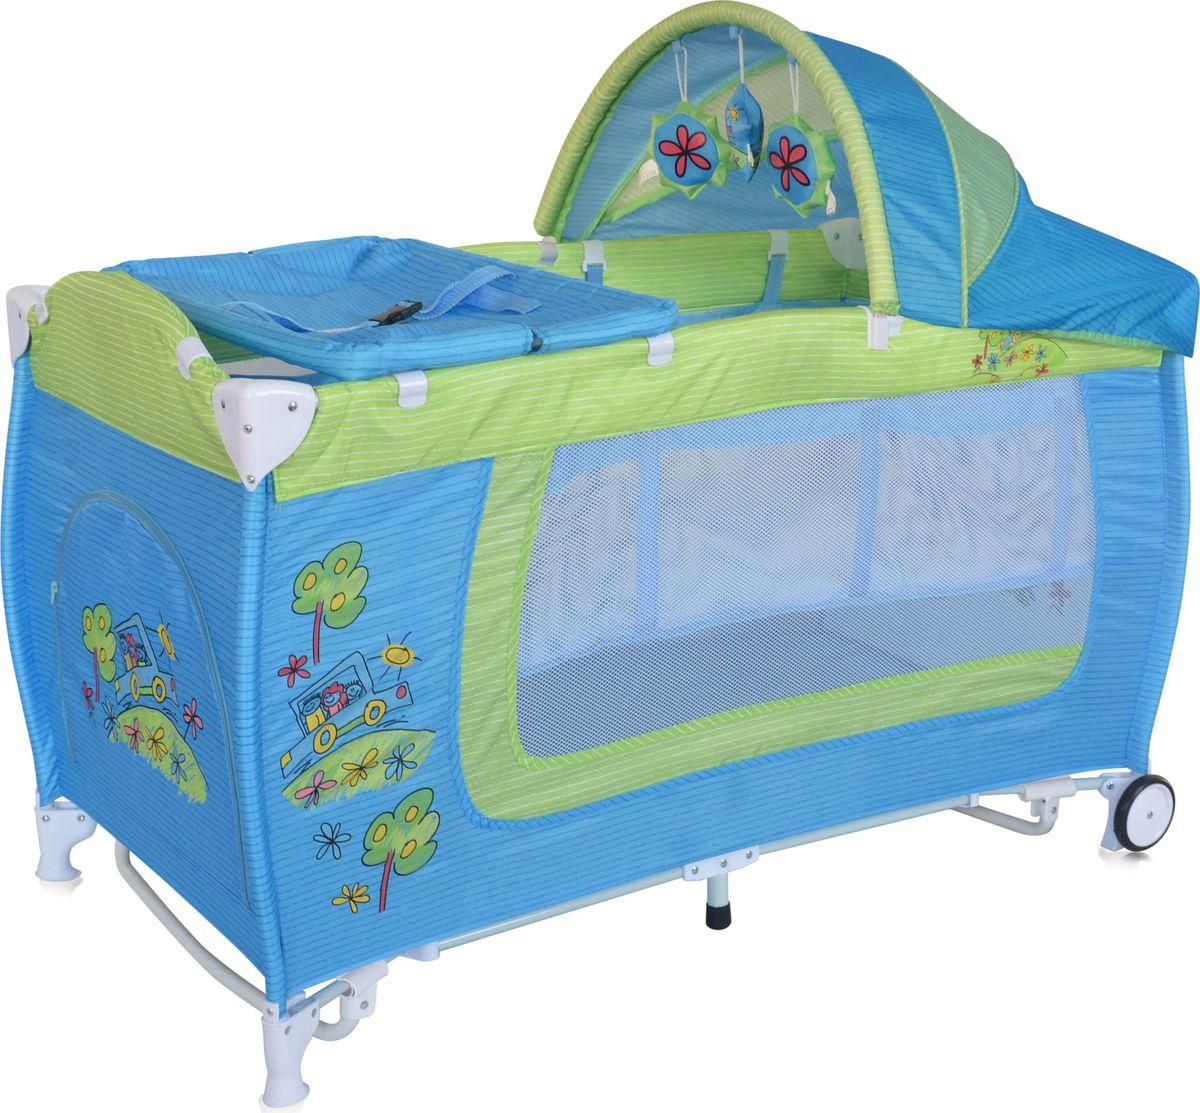 Lorelli Манеж Danny 2 Rocker цвет синий зеленый3800151960096Детский манеж-кровать для детей с рождения и до 3 лет. Верхний уровень с рождения и до 6 месяцев, в комплекте идет пеленальник с рождения и до 3 месяцев. Защитный козырек с навесными игрушками. Дуги для укачивания малыша. Надежные пластиковые крепления. Два колеса с фиксацией. Яркие расцветки, приятны для мамы и малыша. Манеж безопасен для игр и сна малыша, надежная установка и безопасность. Манеж имеет боковой лаз на молнии, легкую систему складывания и раскладывания, сумку-чехол для переноски манежа. Матрасик в комплекте на дно манежа.